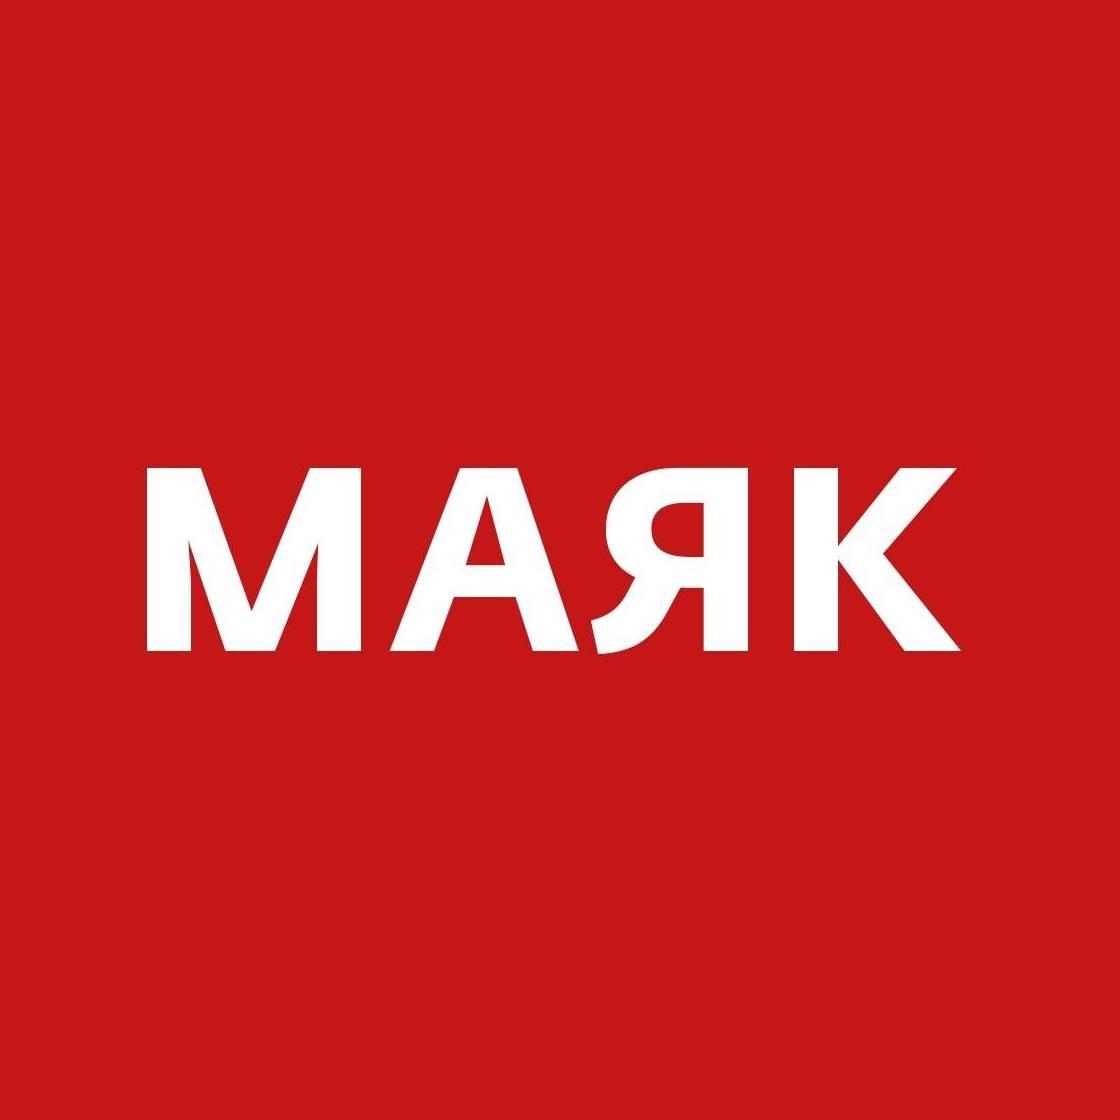 Радио Маяк 72.11 УКВ Россия, Черкесск